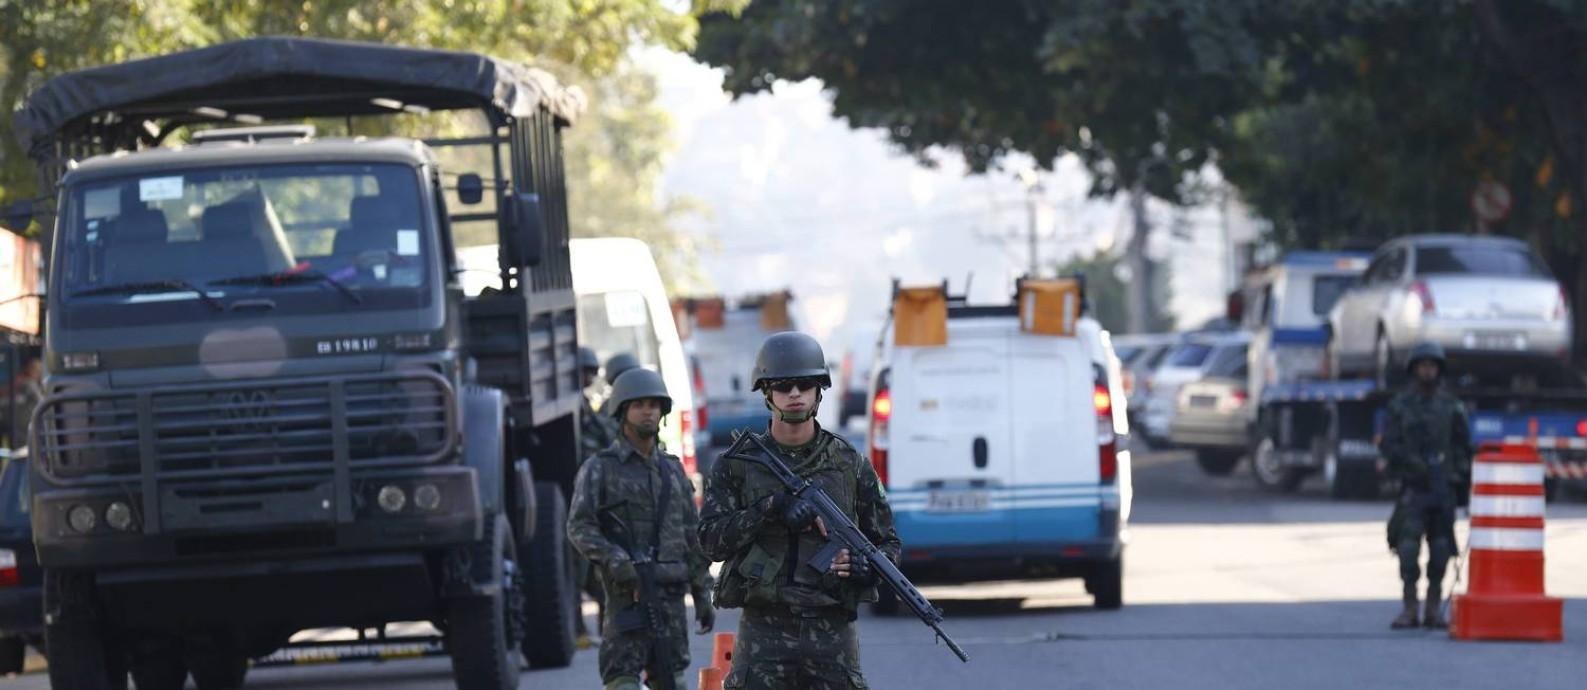 Forças Armadas no Rio: homens do Exército fazem uma operação na entrada da comunidade da Fazenda Botafogo, no complexo do Chapadão Foto: Pablo Jaco - 01/08/2016 / Agência O Globo